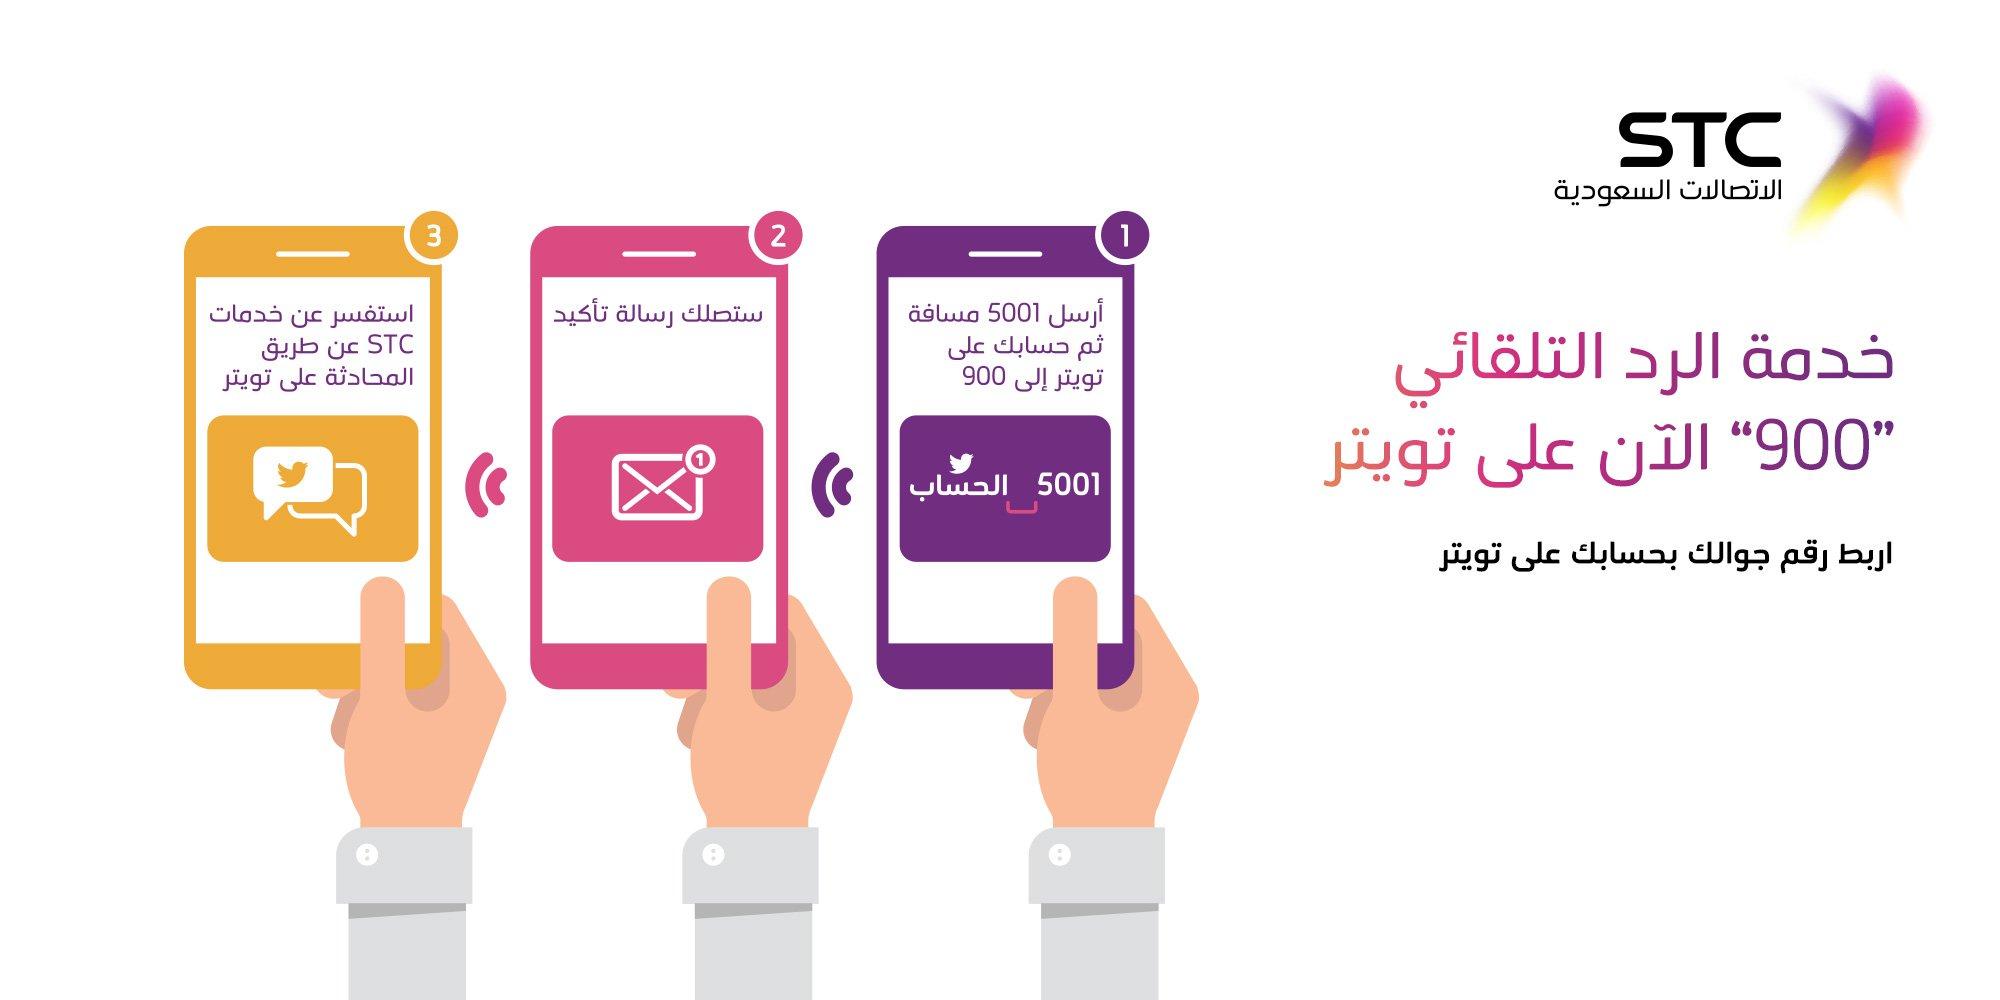 Stc السعودية على تويتر اربط جوالك بحسابك في تويتر أرسل5001 مسافة ثم حسابك على تويتر إلى 900 بإمكانك أن تستفسر عن خدماتنا بالرسائل الخاصة Https T Co Ctshhswkwr Https T Co 2juhgji00i